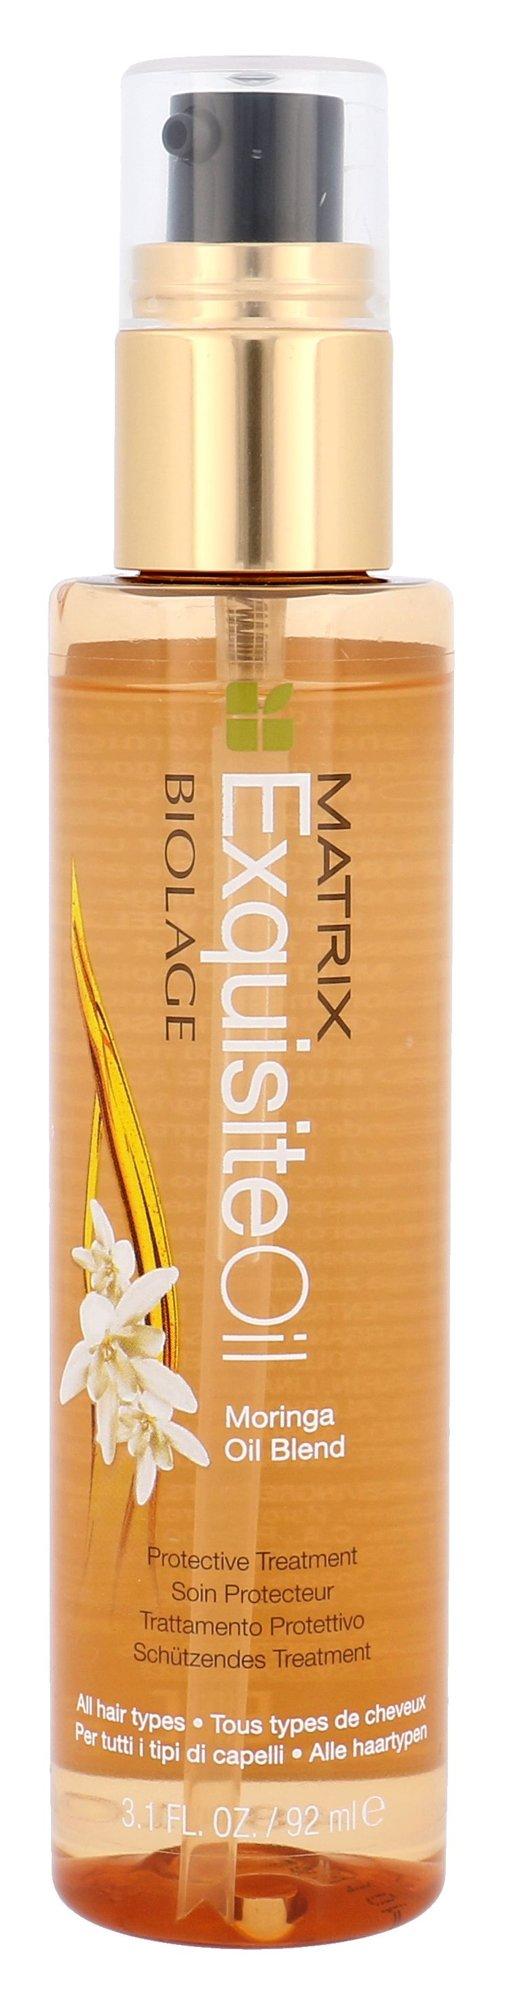 Matrix Biolage Exquisite Oil Cosmetic 92ml  Treatment Moringa Oil